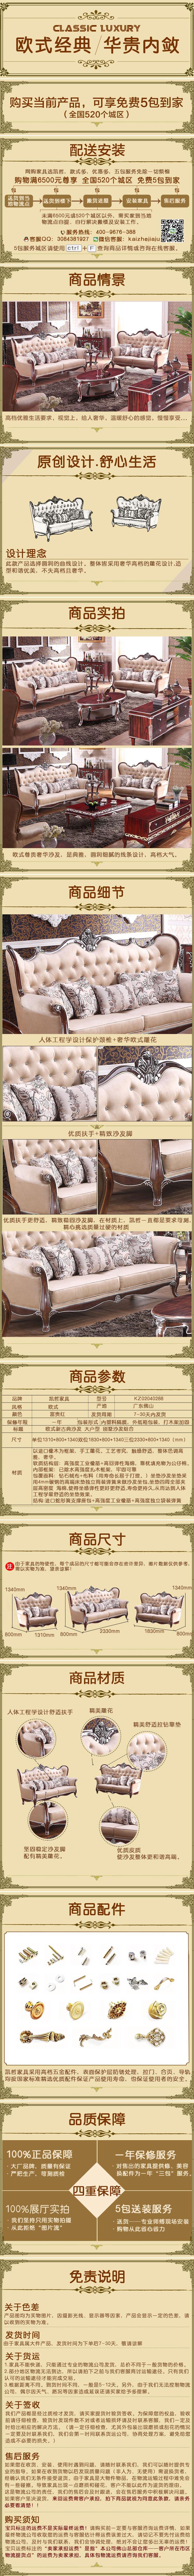 凯哲家具专场欧式新古典沙发